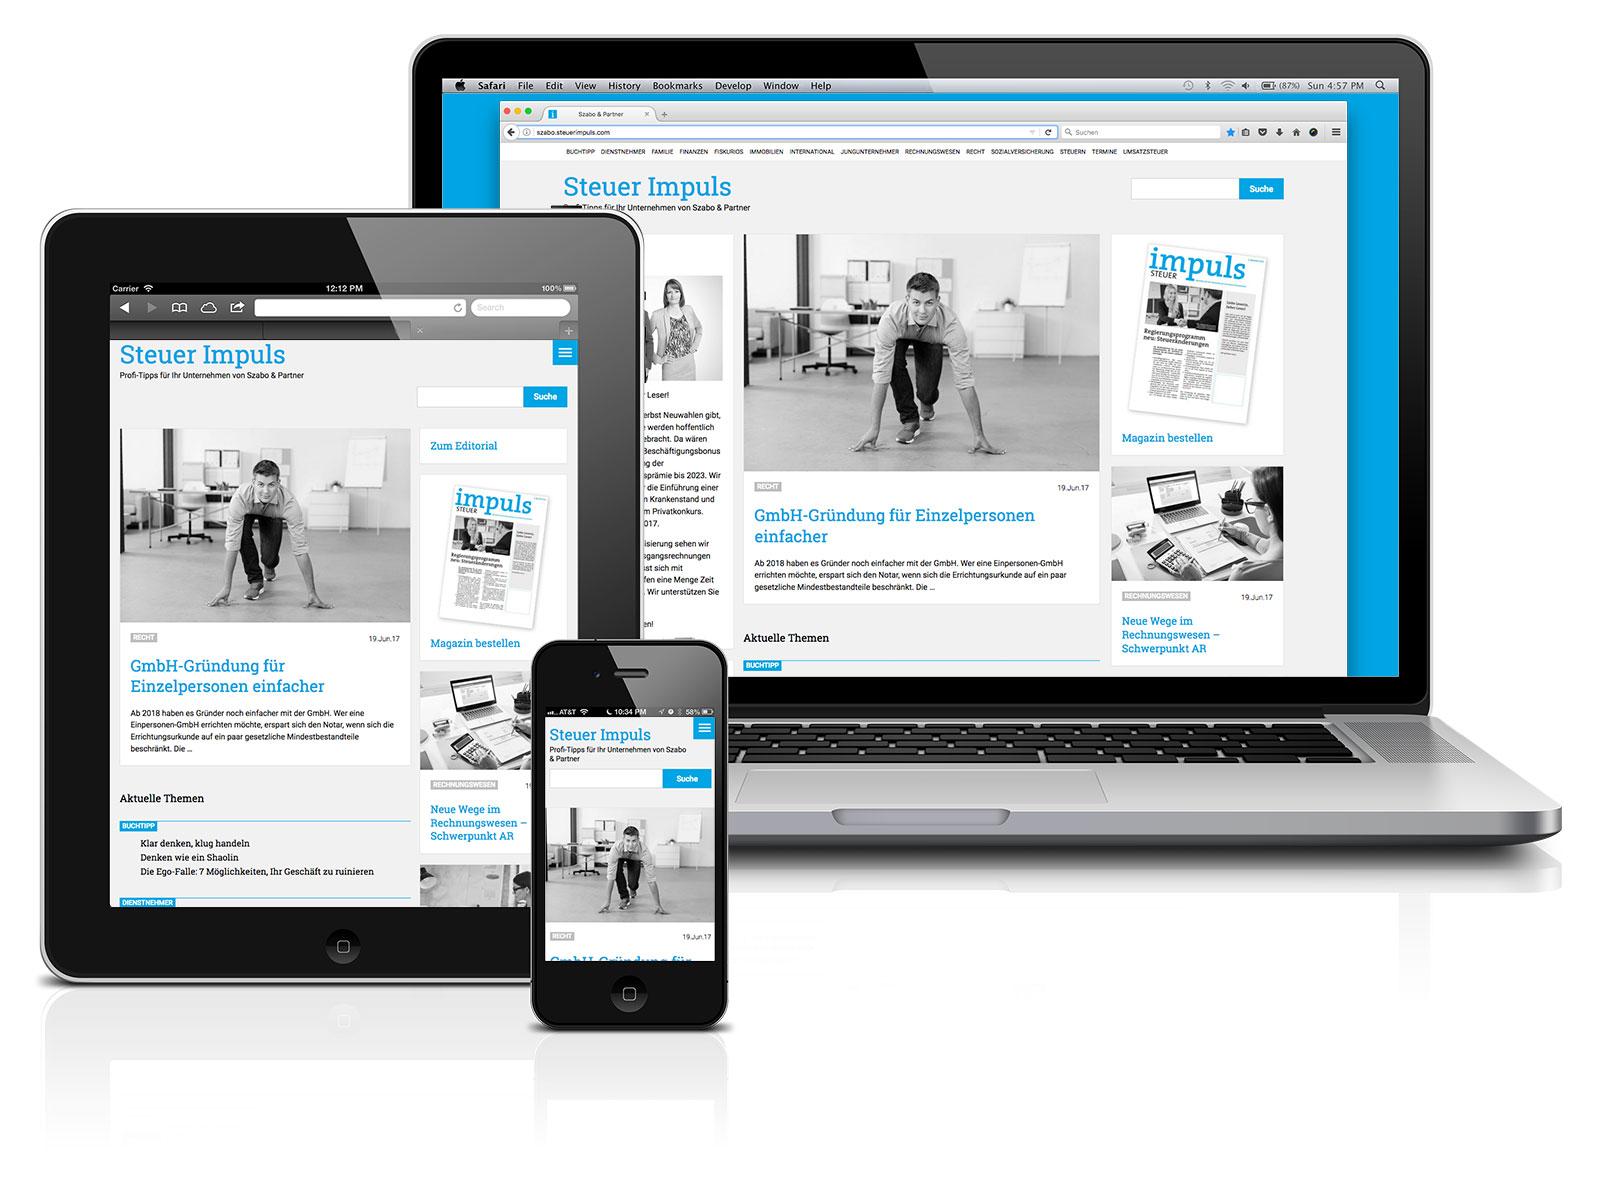 online impuls - Klientenmagazin